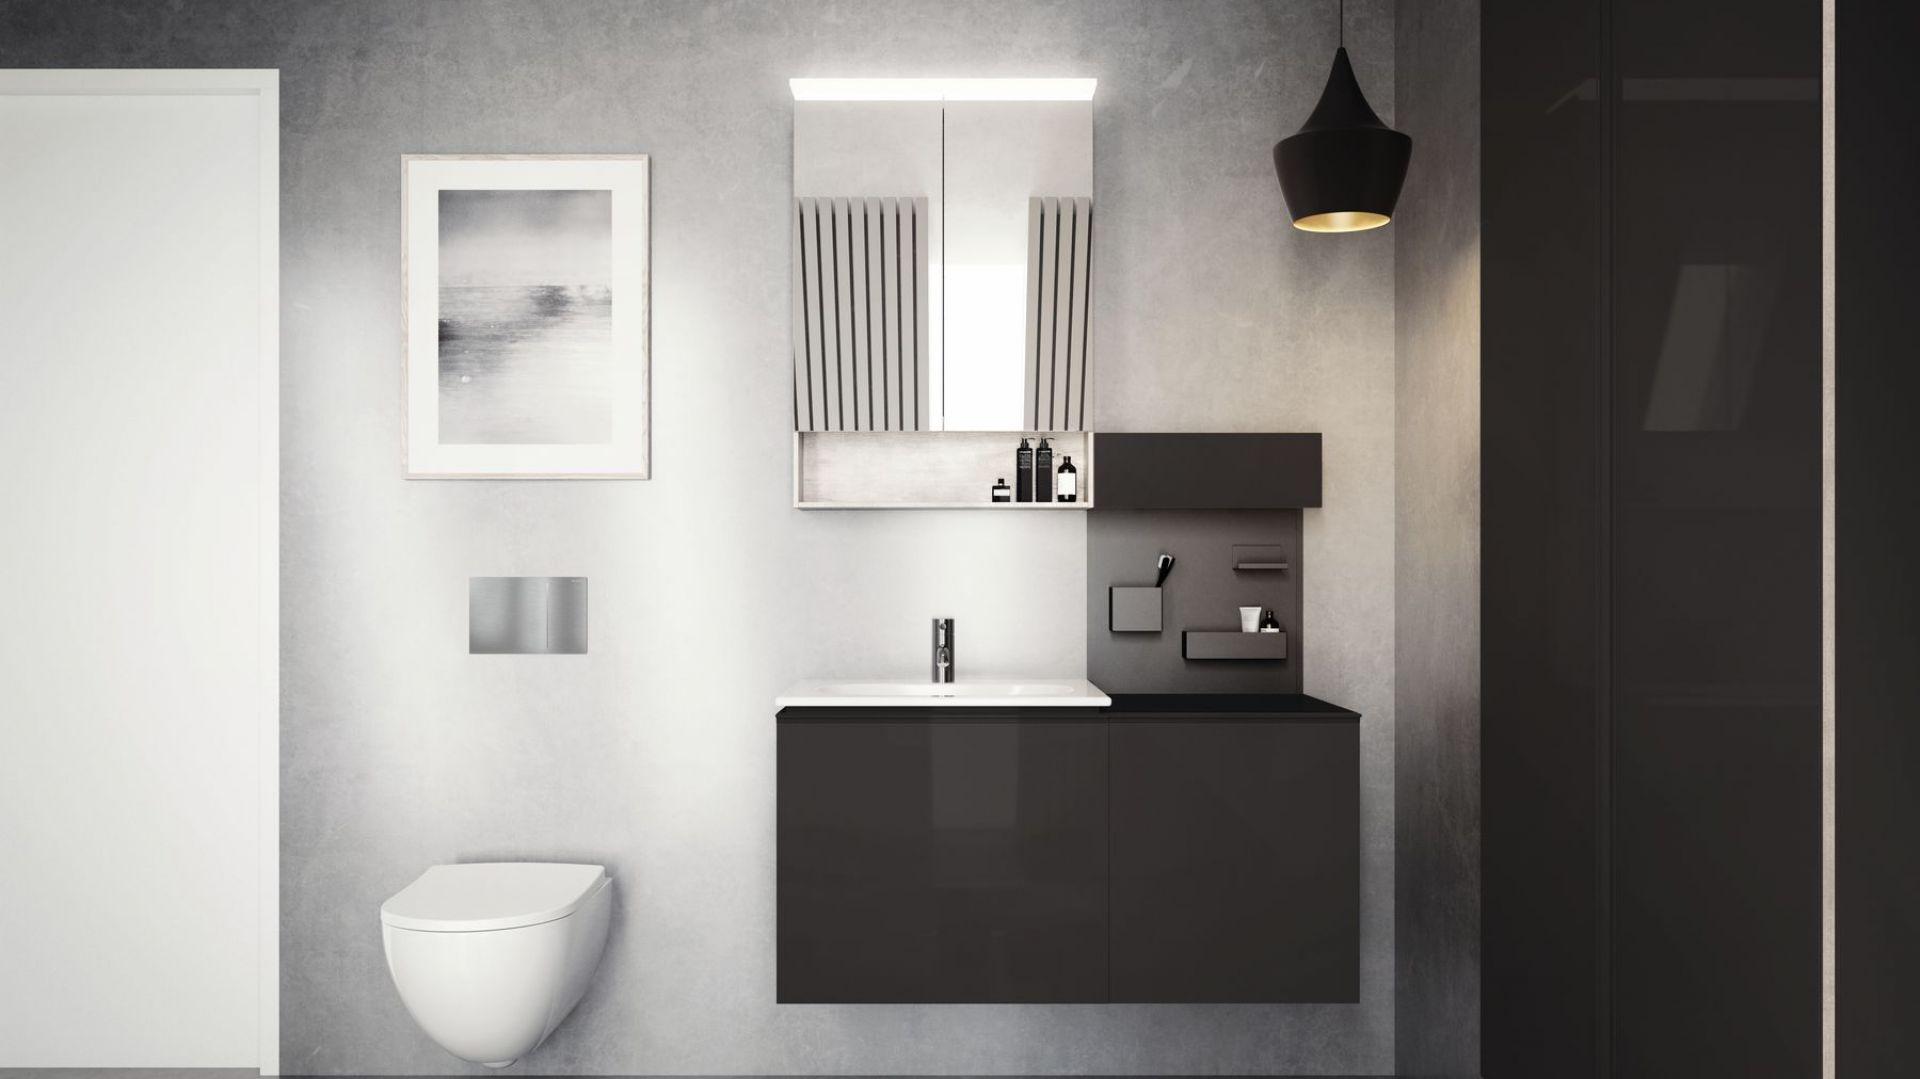 Kolekcja Geberit Acanto została zaprojektowana z myślą o komforcie podczas korzystania z łazienki. Fot. Geberit